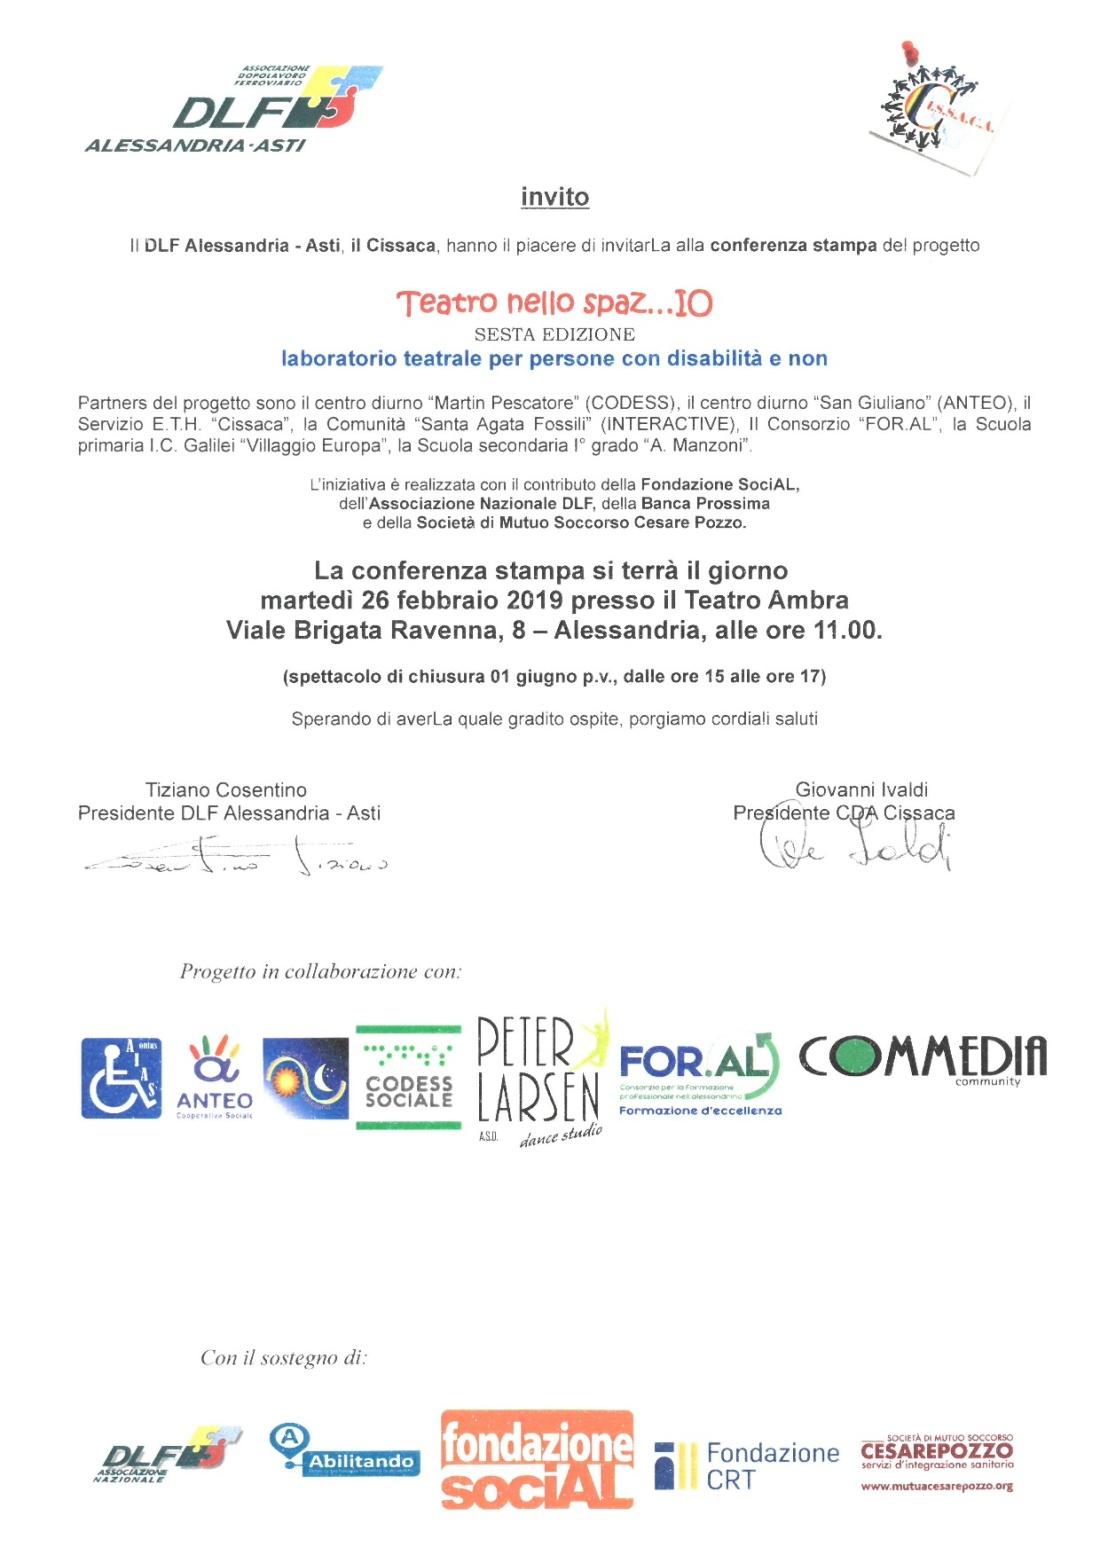 Teatro nello spazio Invito_conf_stampa26FEB_TeatrospazIO